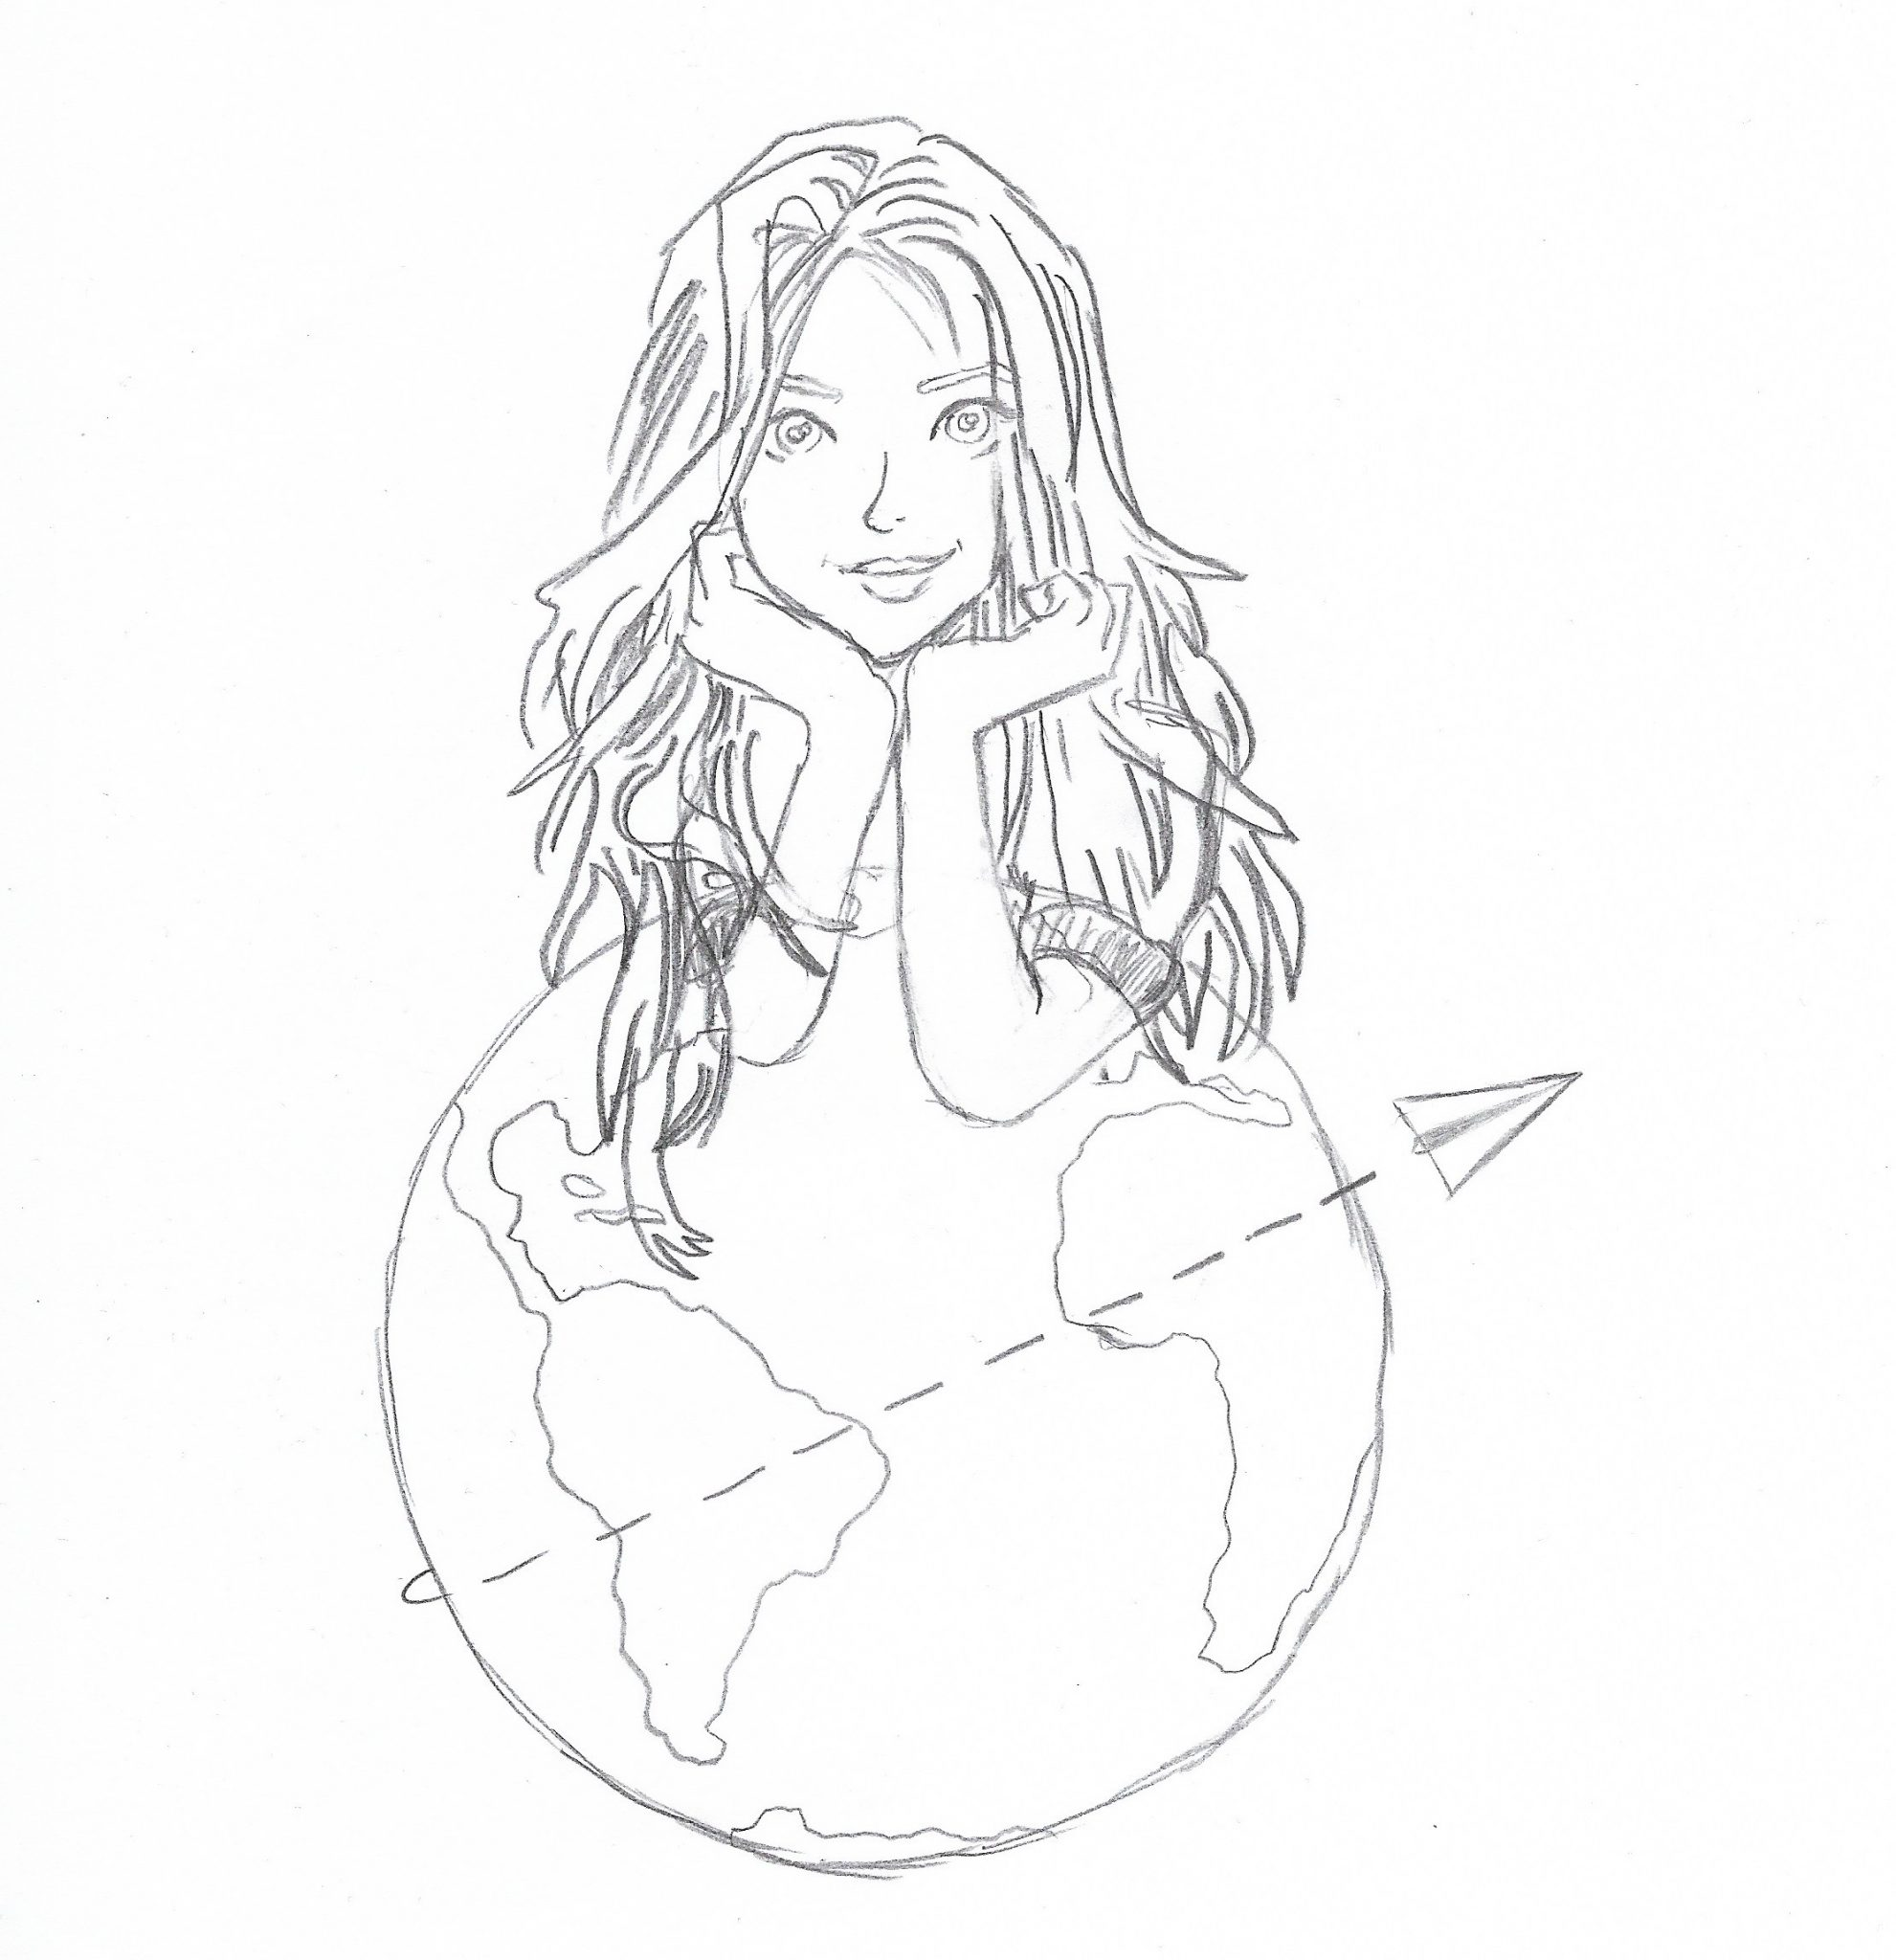 Danke dir, Jamila! Jedes Mal, wenn ich meine Website aufrufe, ist es das Erste, was ich sehe! Deine Zeichnung! Ich bin begeistert und super glücklich, dass du mein Logo gezeichnet hast! Du hast so viel Talent! Danke dir! Dies ist das Original, so sieht das Nessi's World Logo auf Papier aus! By Jamila, Instagram: _.fewdrawings._